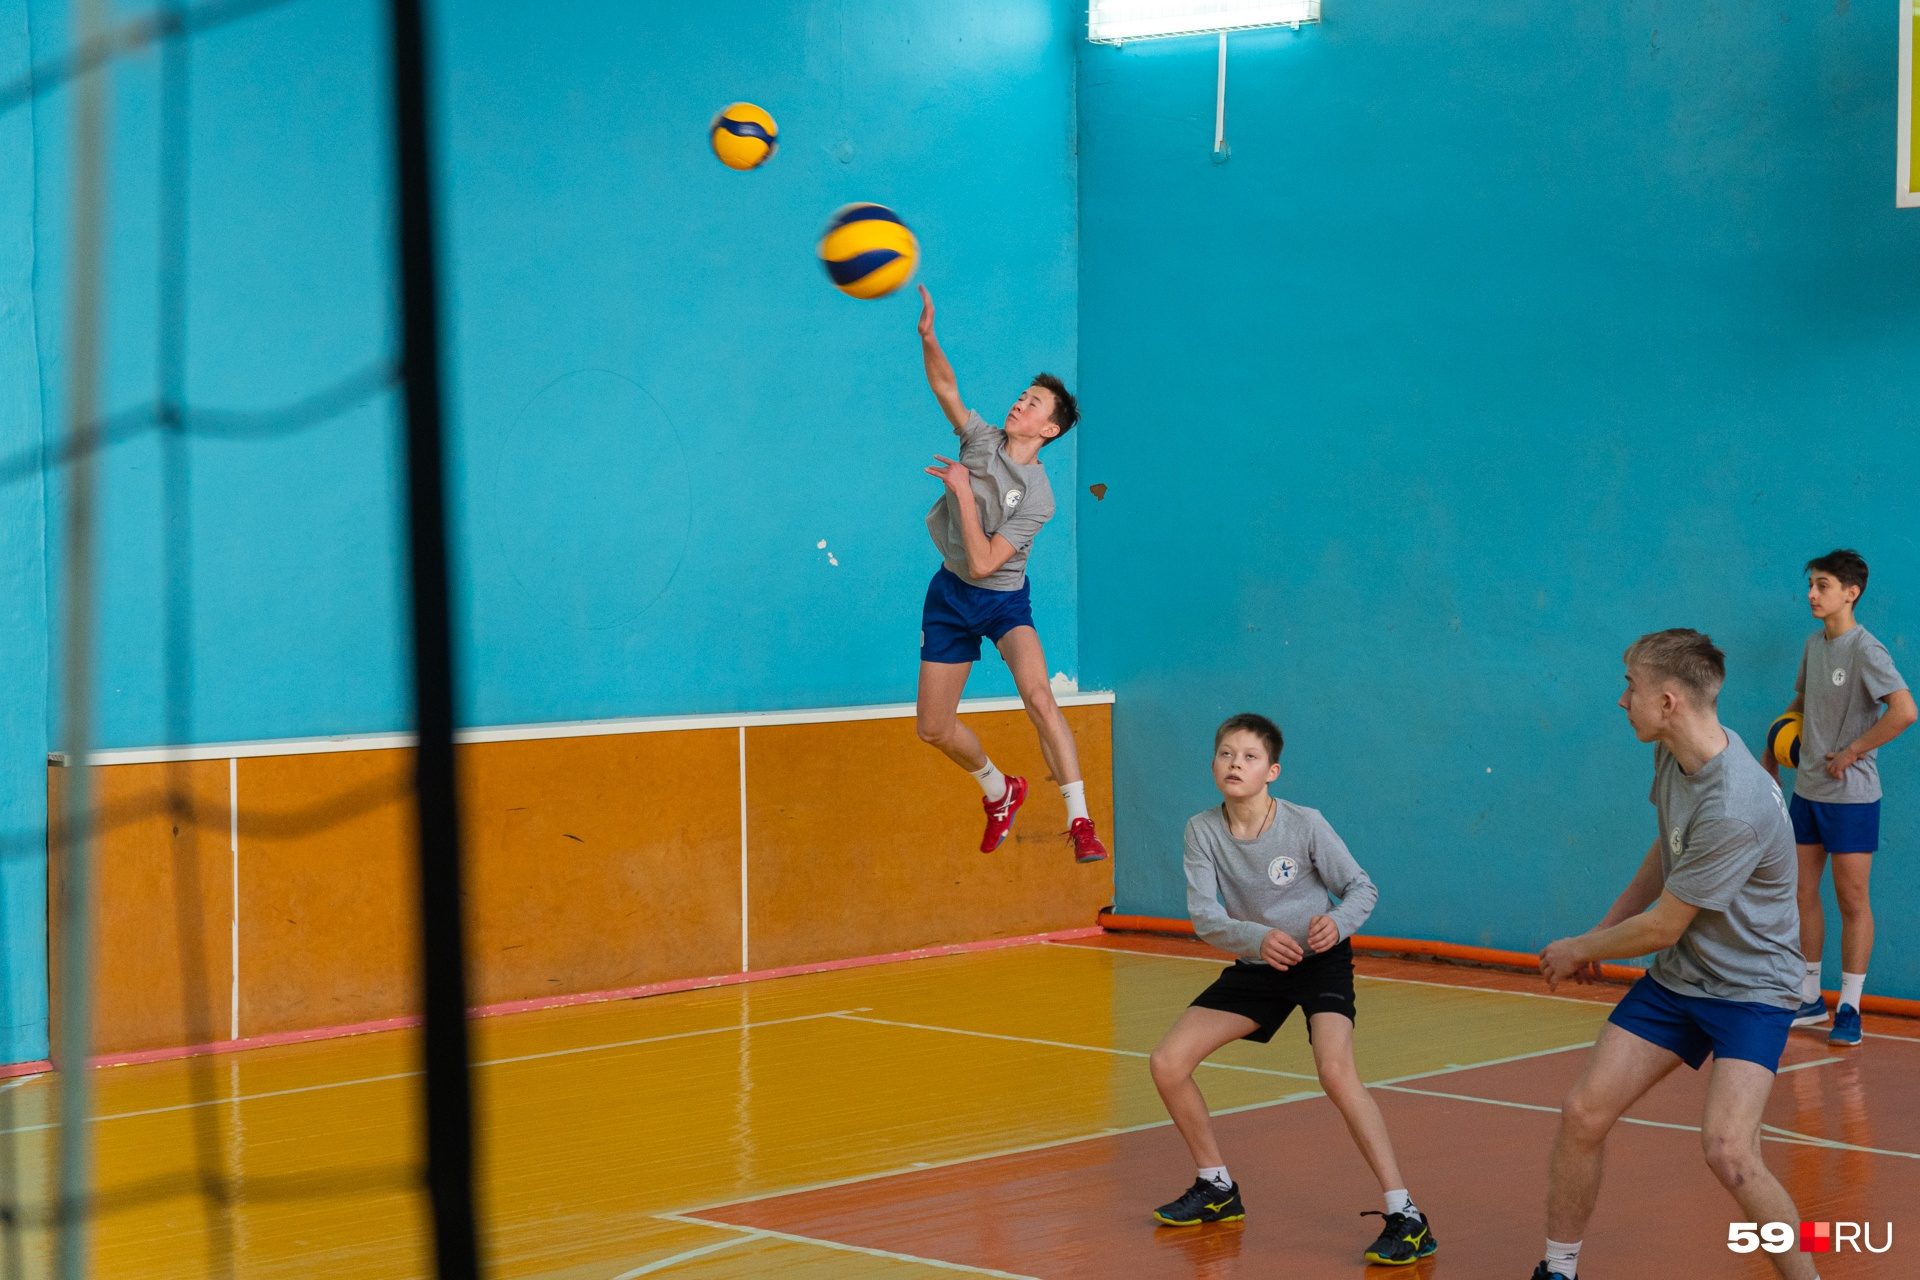 Кто сказал, что волейболисты не летают?